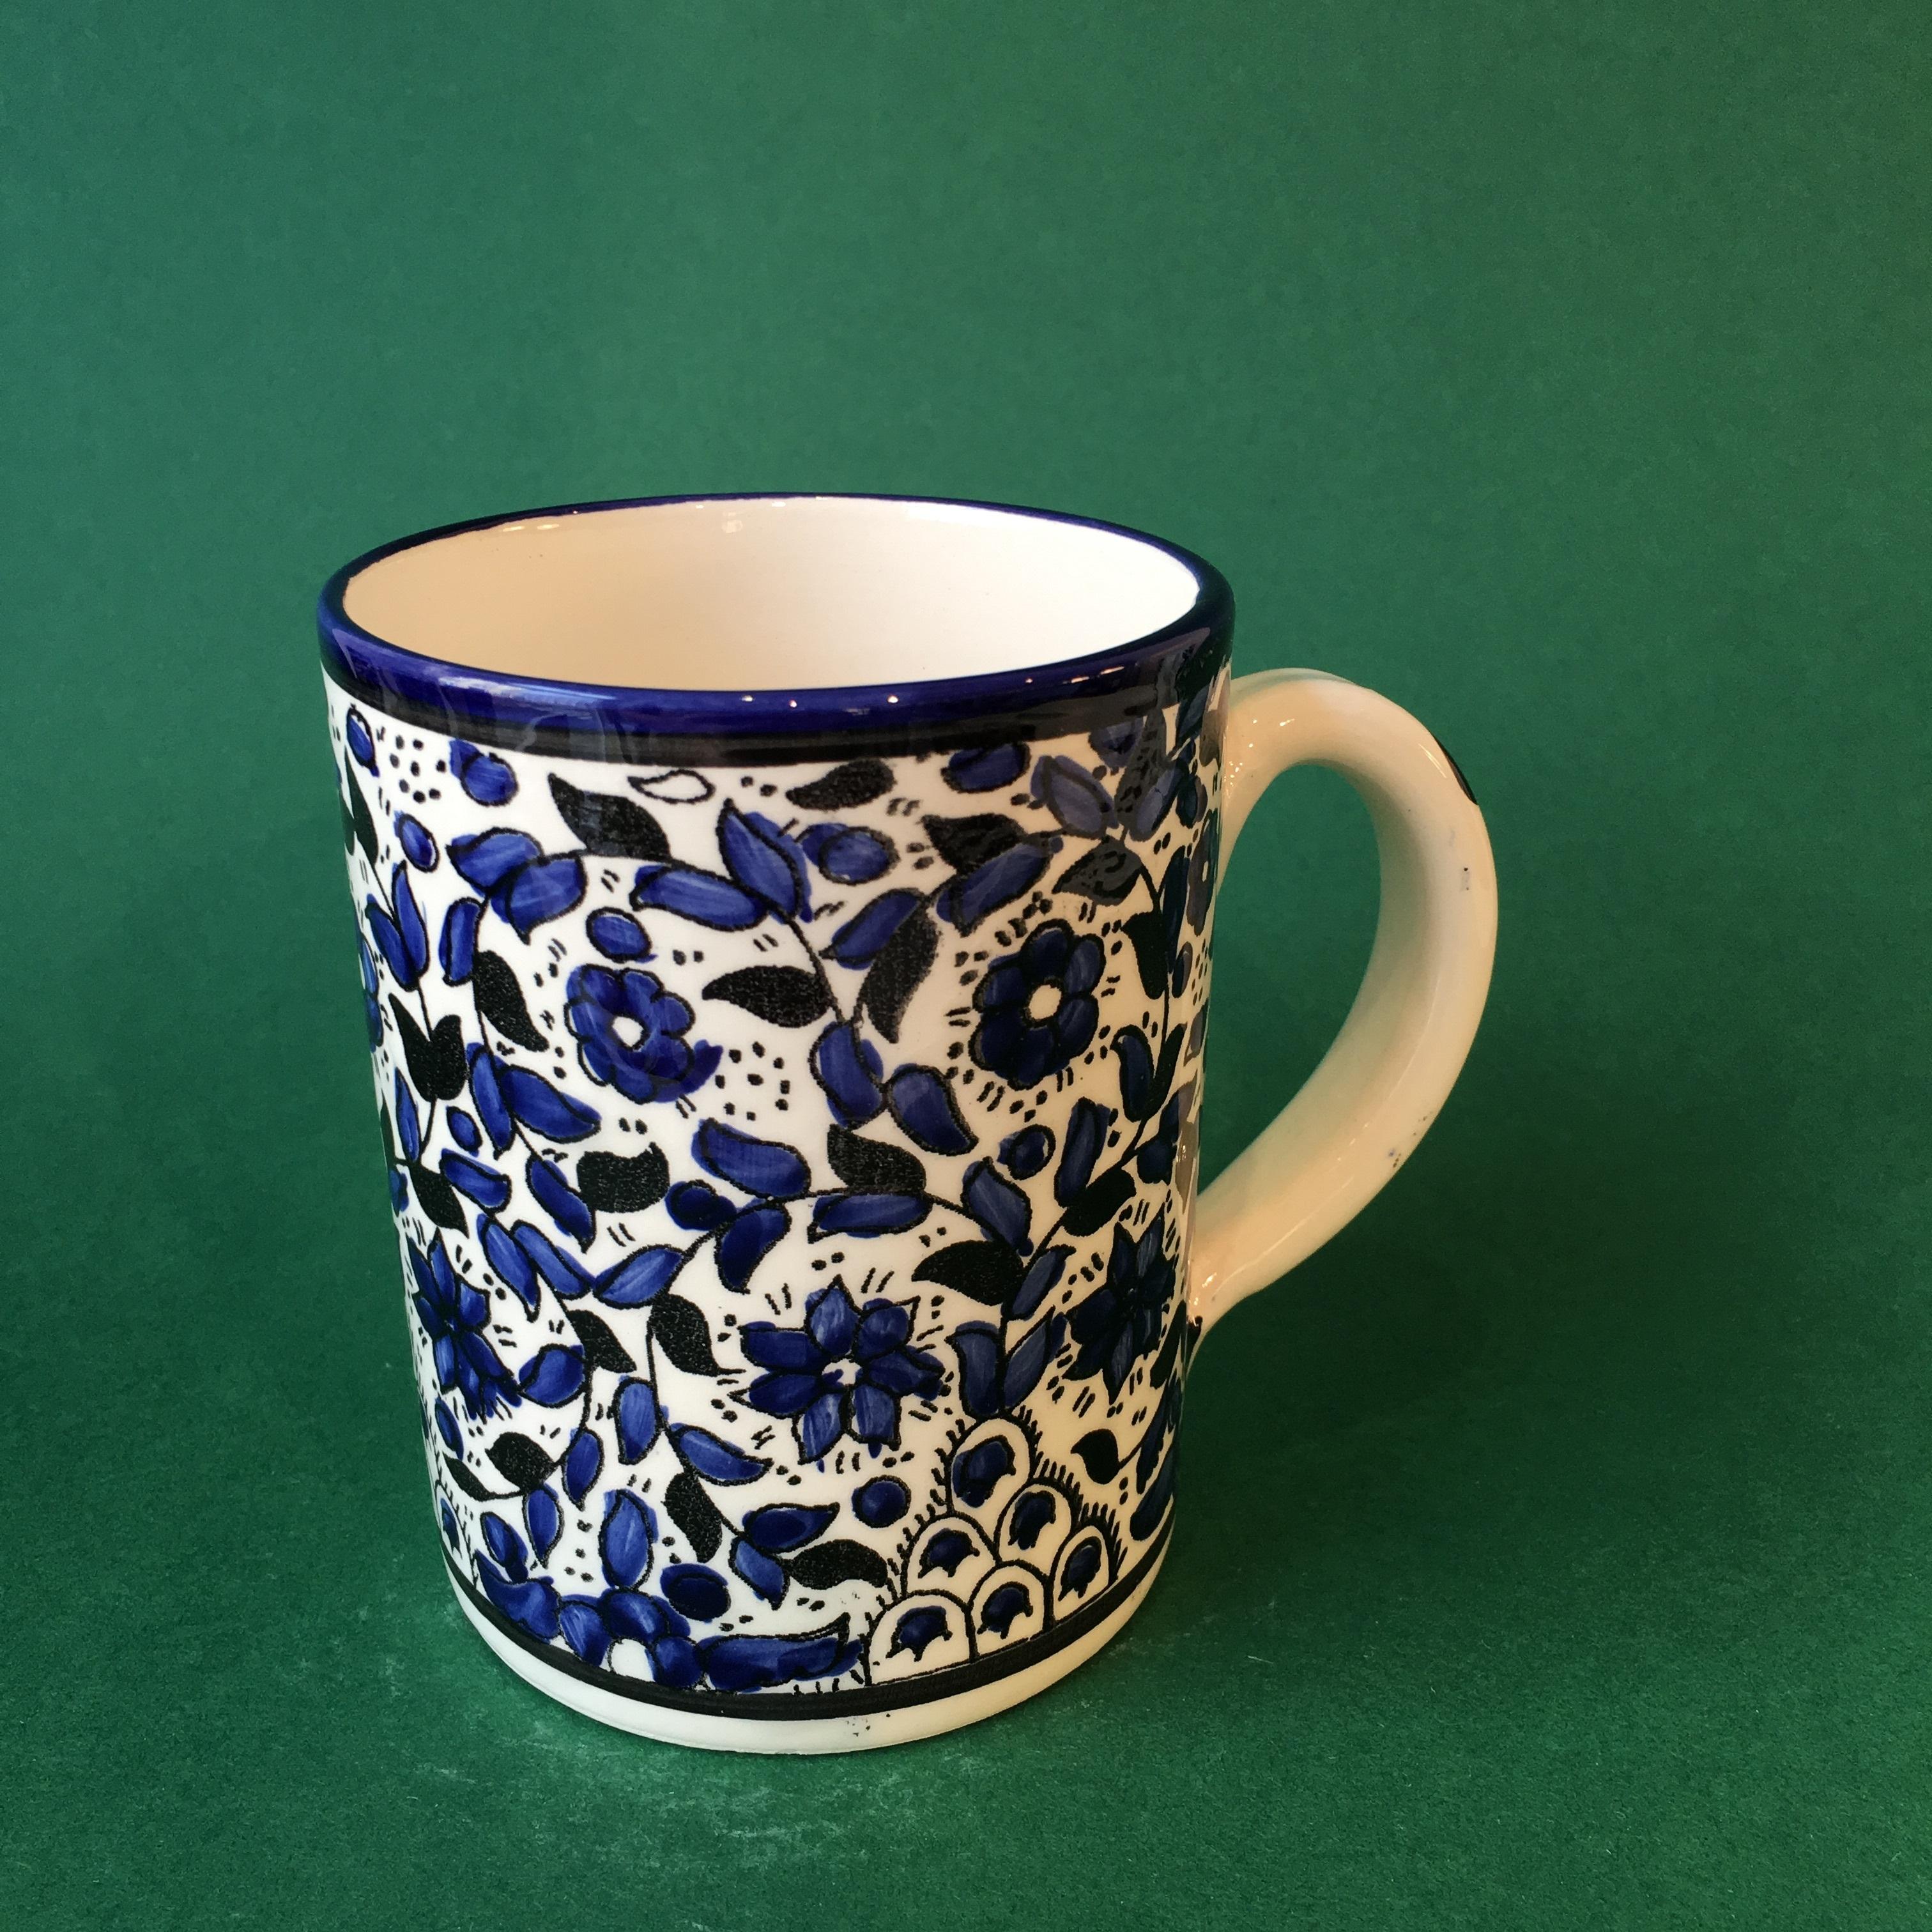 Stor keramikkopp, blå (lite mønster)